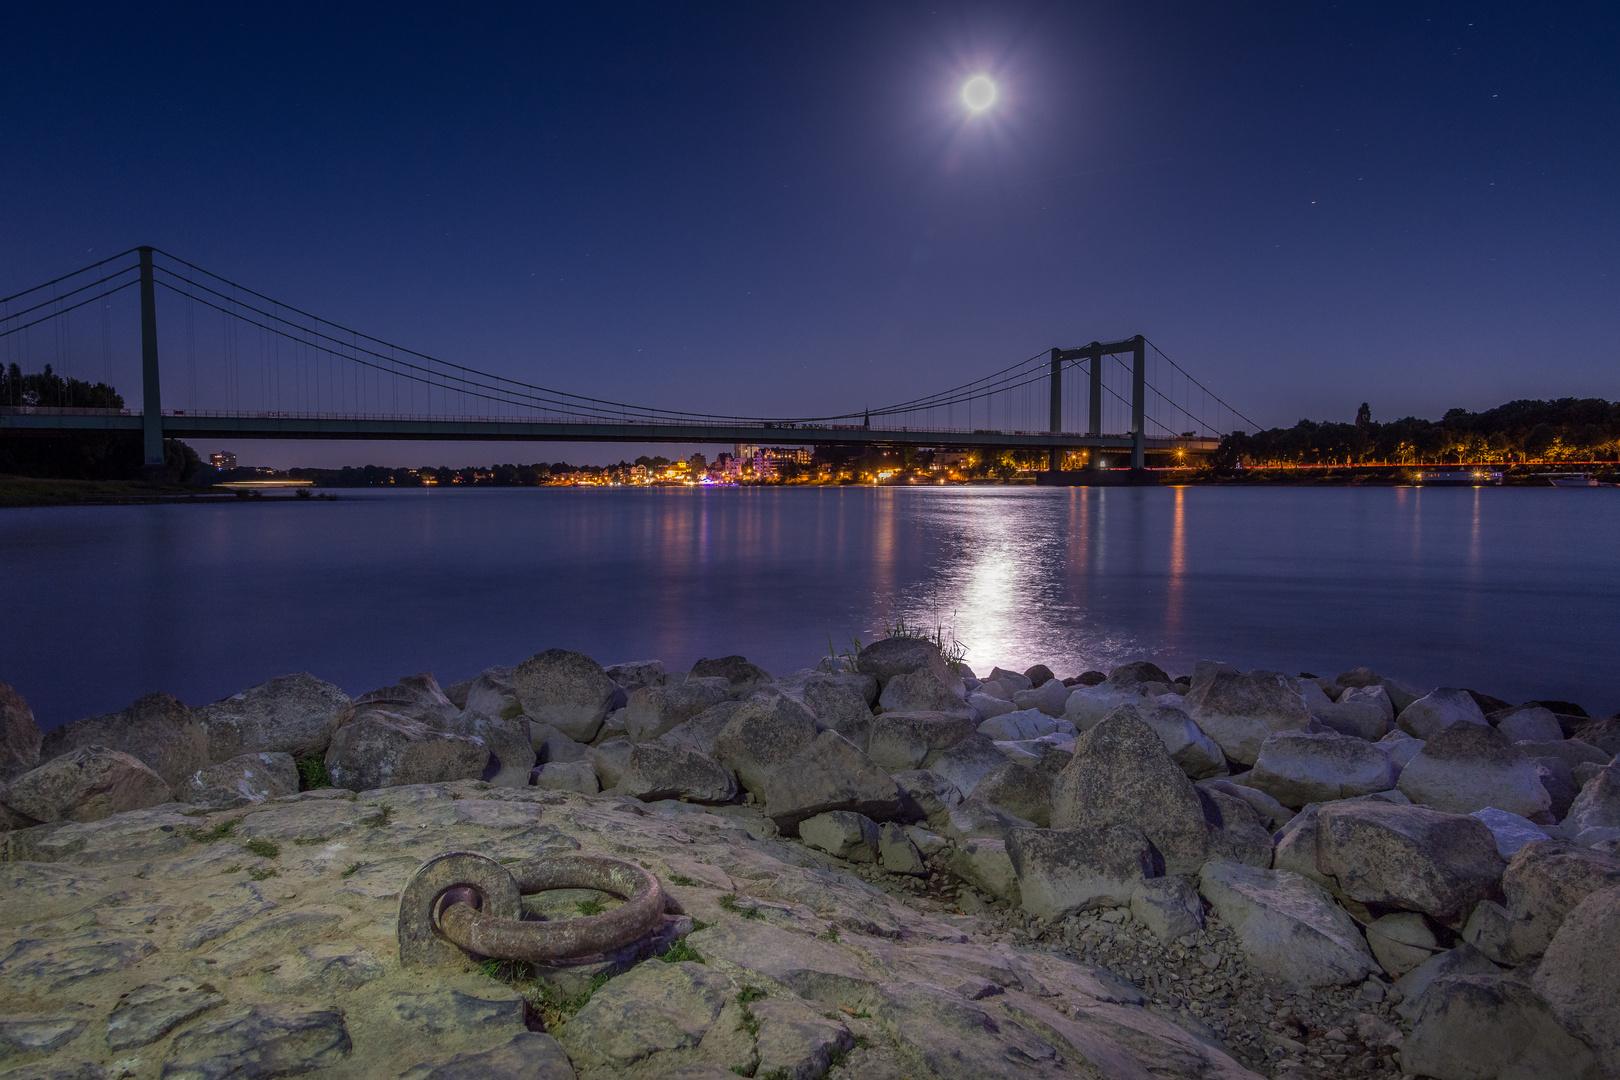 Rodenkirchener Brücke im Mondlicht